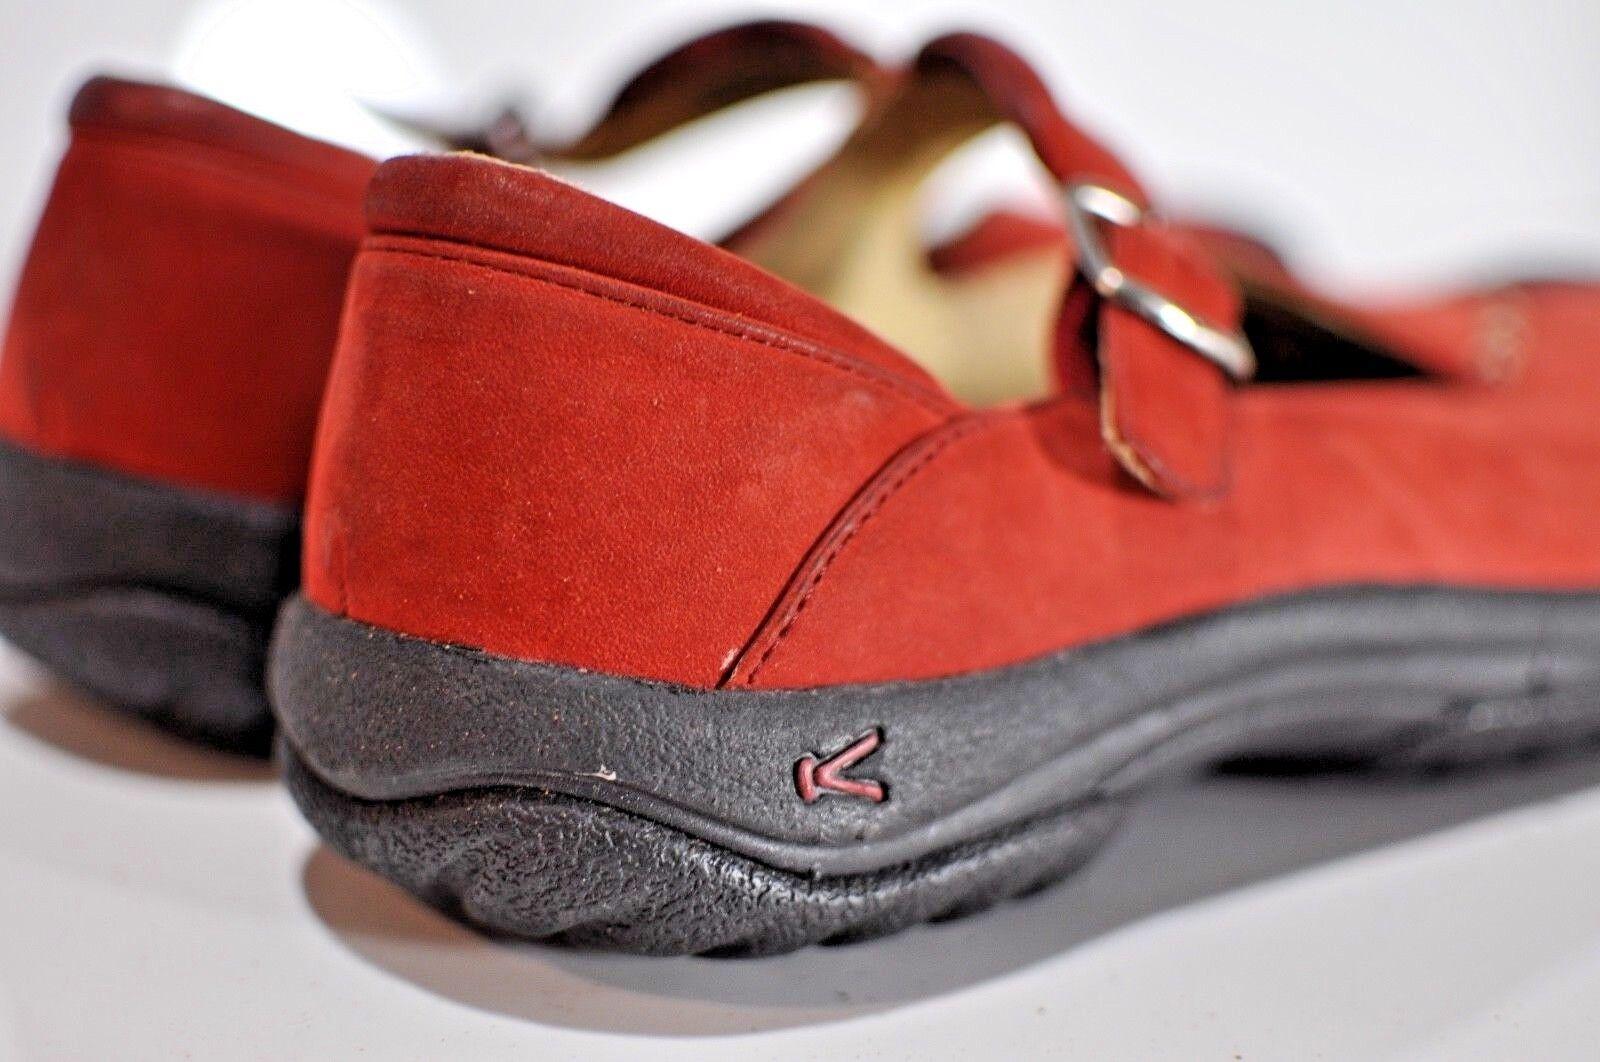 Keen Mujeres De Cuero Rojo Sin Cordones Cordones Cordones Correa Zapatos Talla 8.5  sorteos de estadio